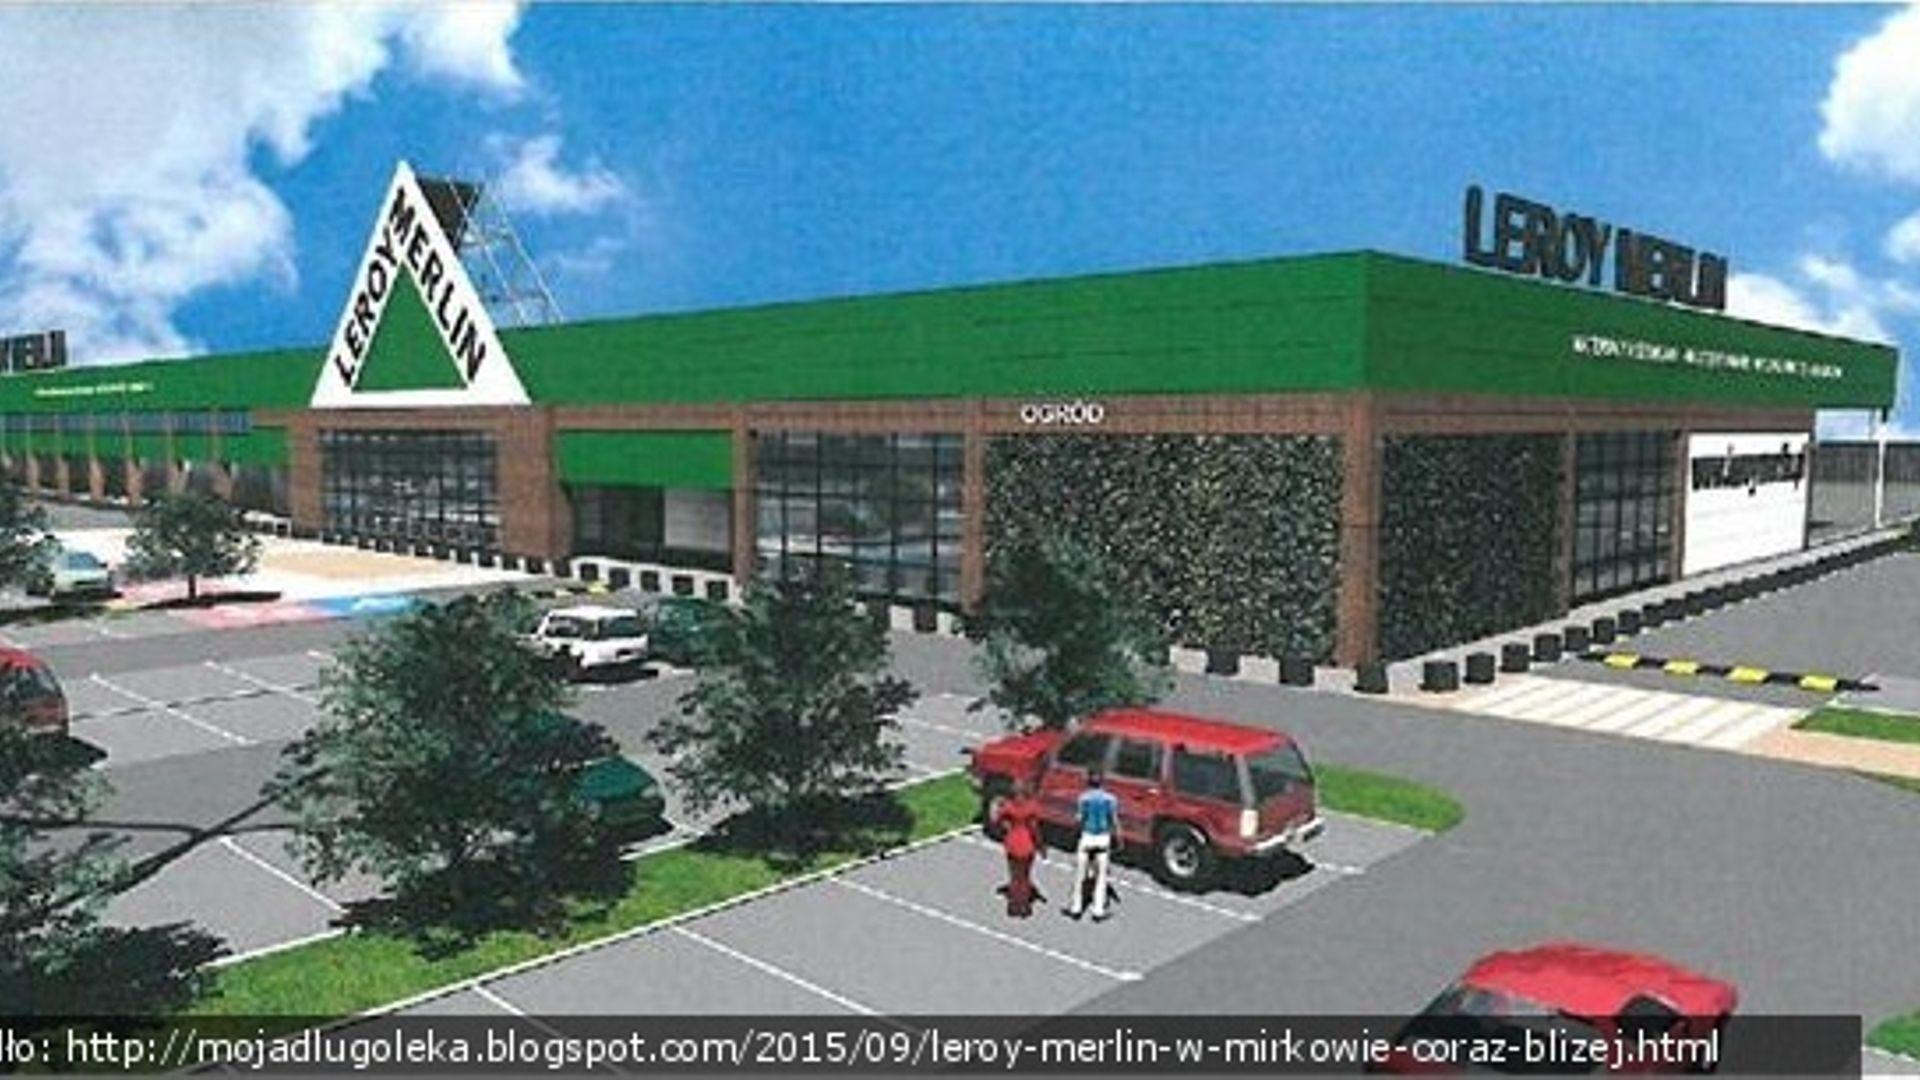 W Mirkowie Powstaje Gigamarket Leroy Merlin Mirkow Investmap Pl